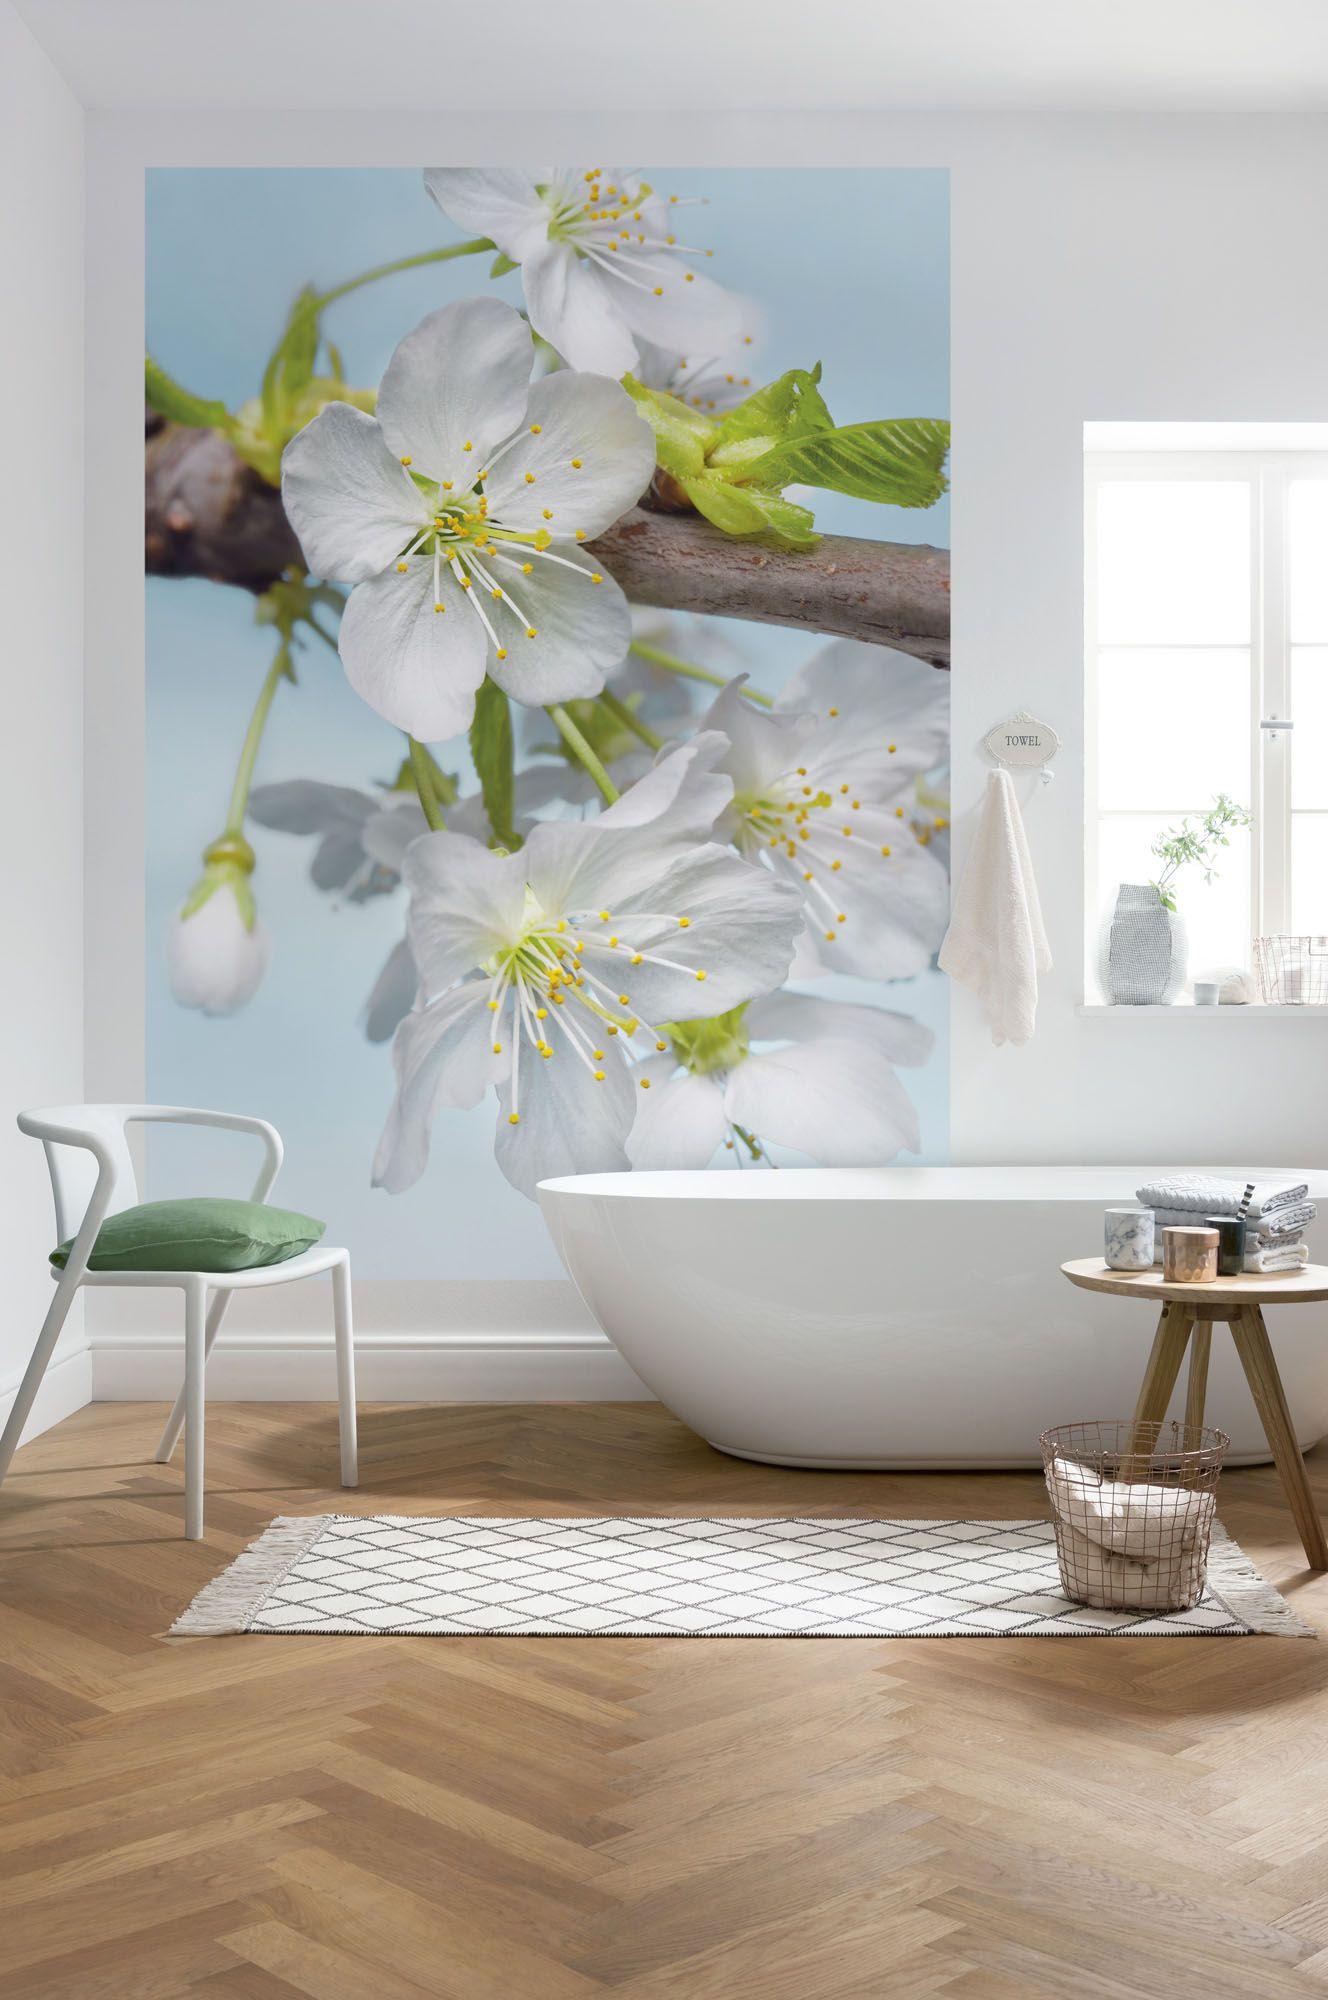 Fototapete Von Komar Blossom Feinen Blatter Der Apfelblute Fototapete Wandbild Wand Und Schoner Wohnen Tapeten